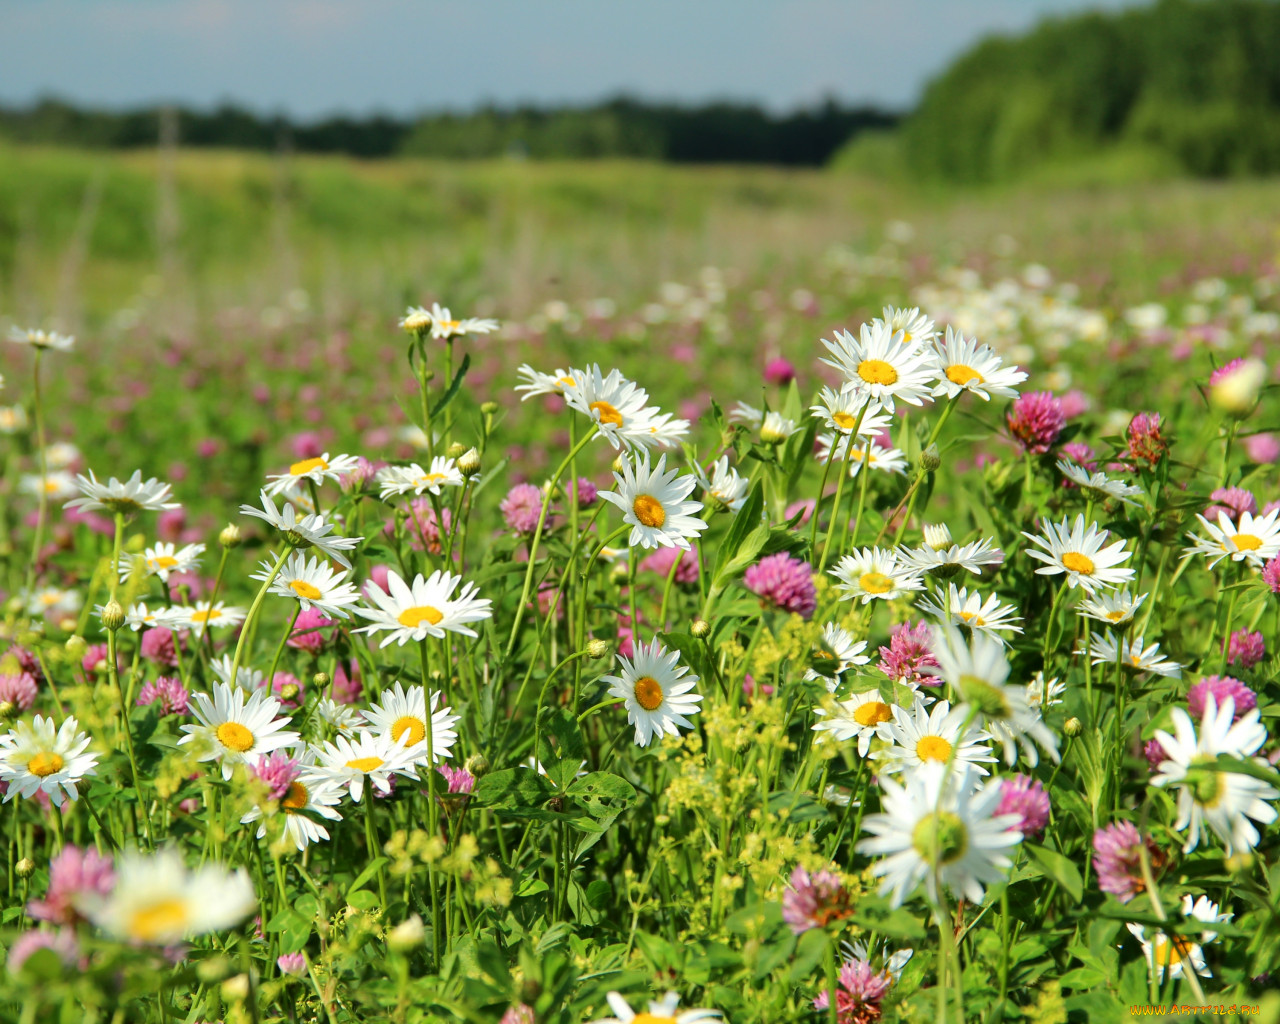 Красивые картинки с полевыми цветами в поле